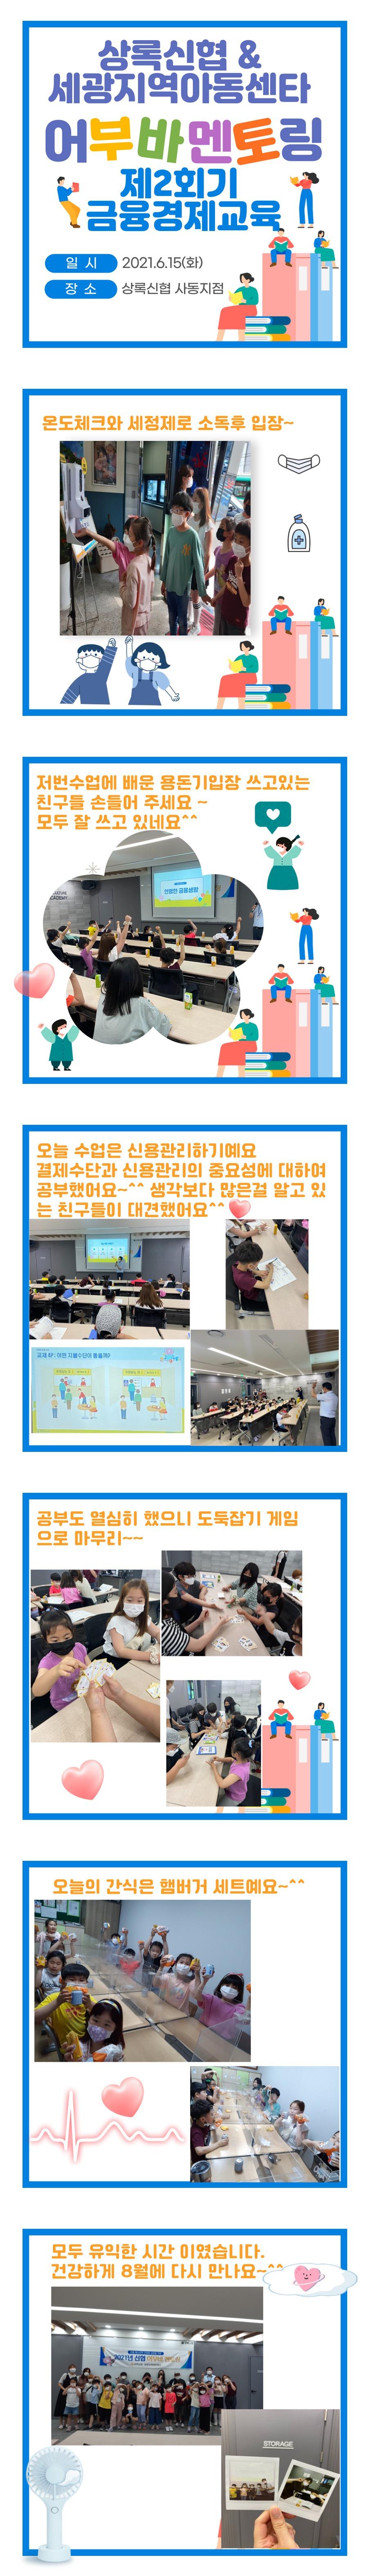 2021상록멘토링2회기.jpg